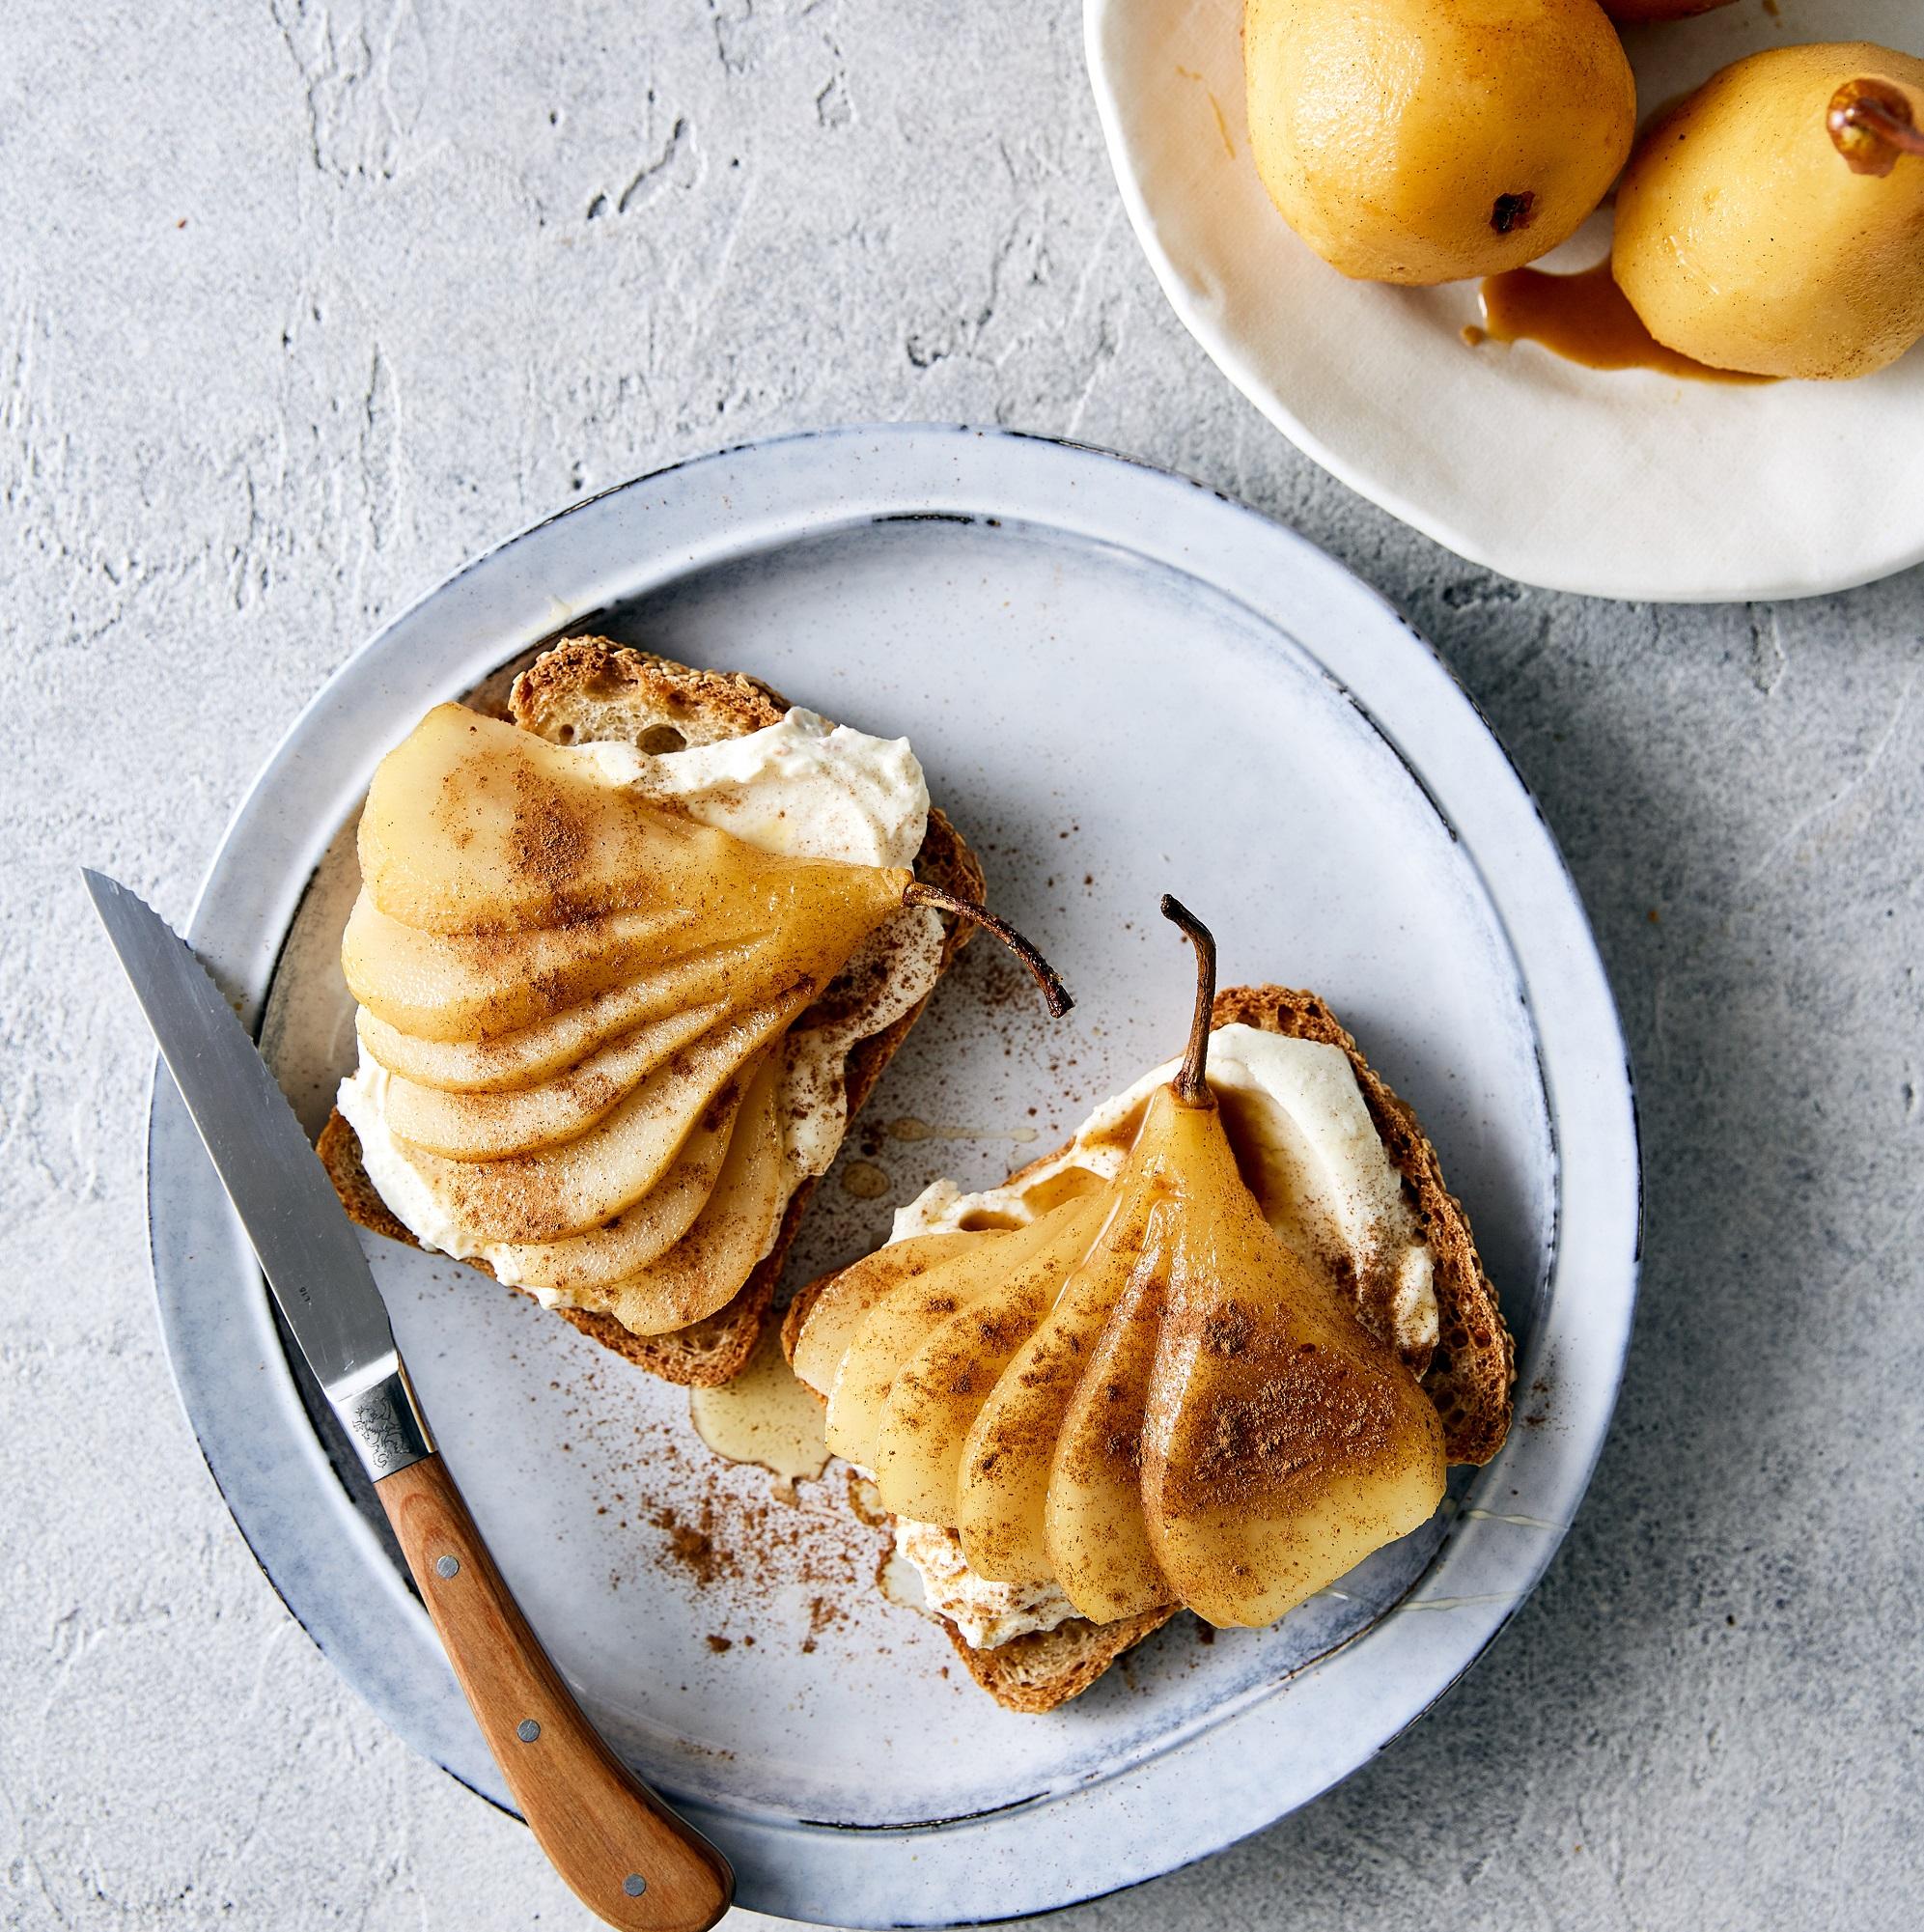 pear with Riccota